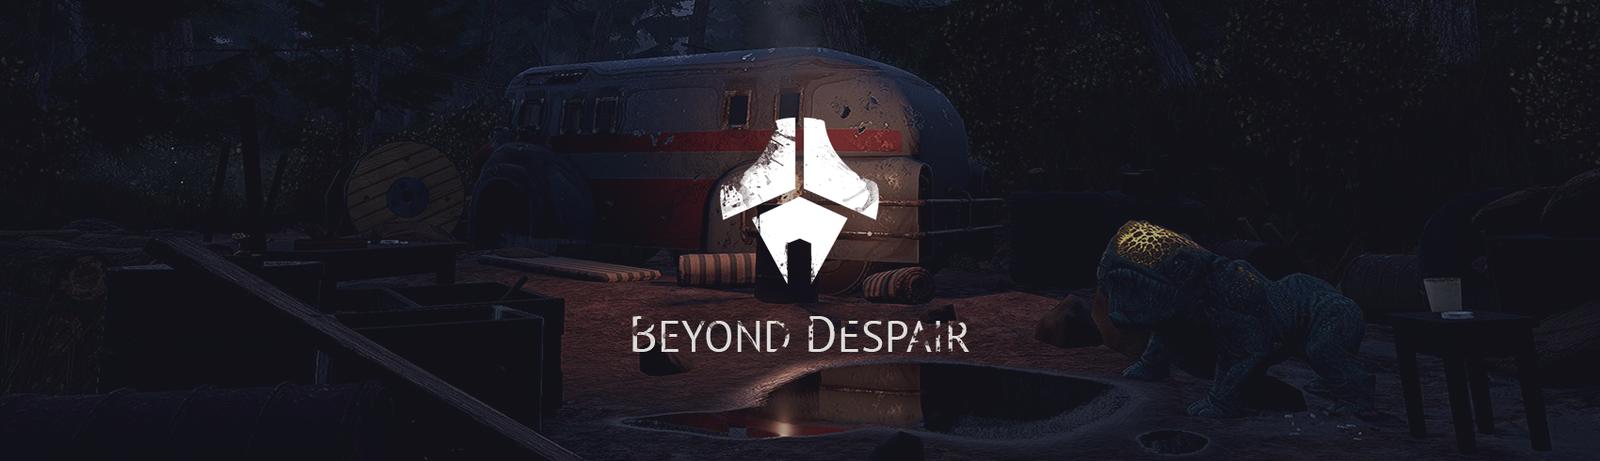 Beyond Despair — поиск актёров озвучивания, завтра стрим! — Beyond Despair — DevTribe: инди-игры, разработка, сообщество